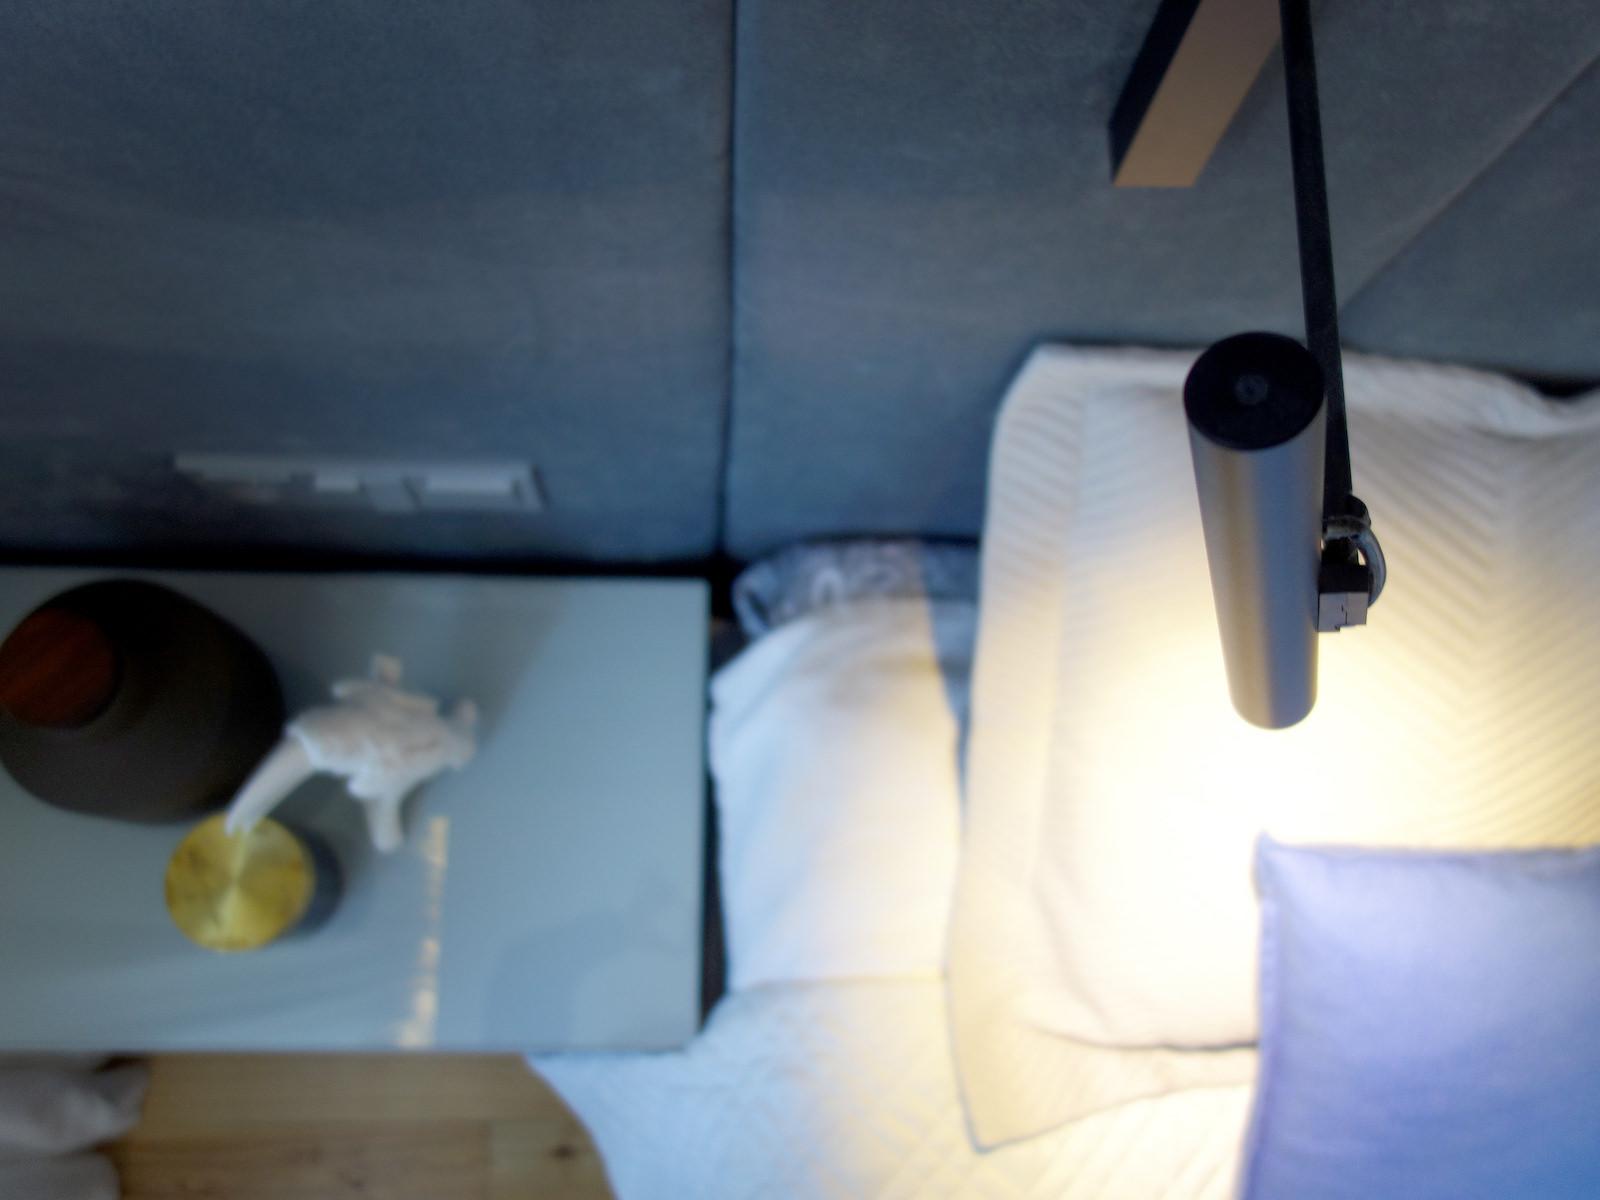 5 projektowanie wnetrz R034 dom katowice sypialnia detal oswietlenia kinkiet nad lozkiem kolor granatowy